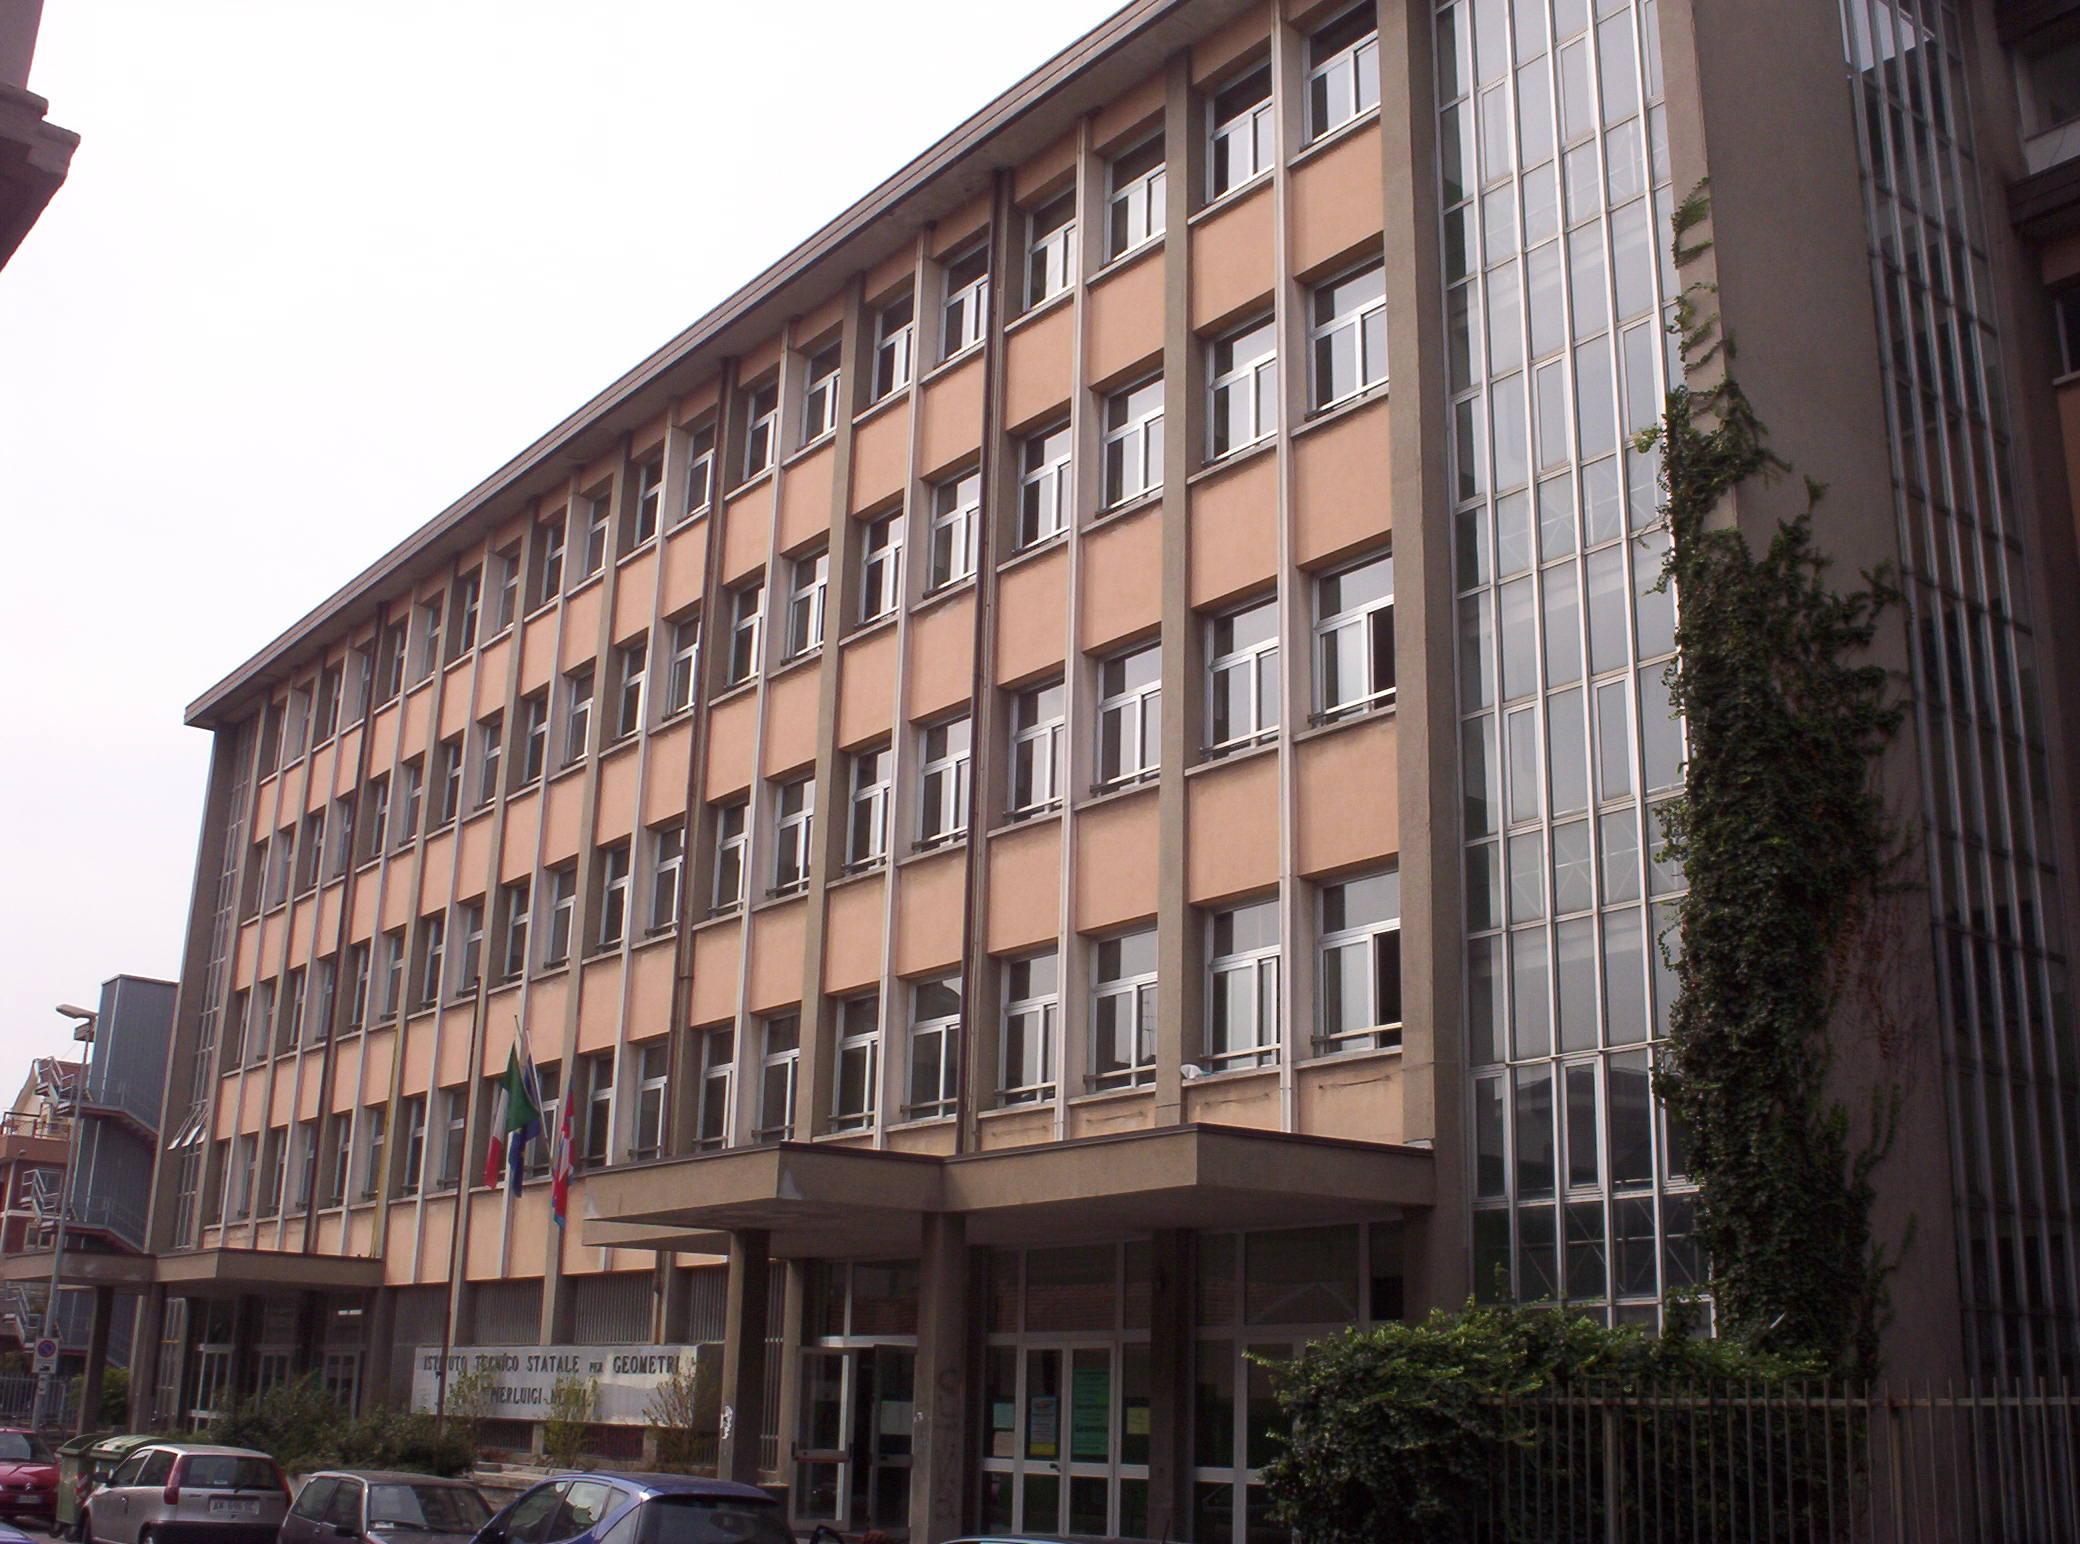 NOVARA - L'Istituto Nervi